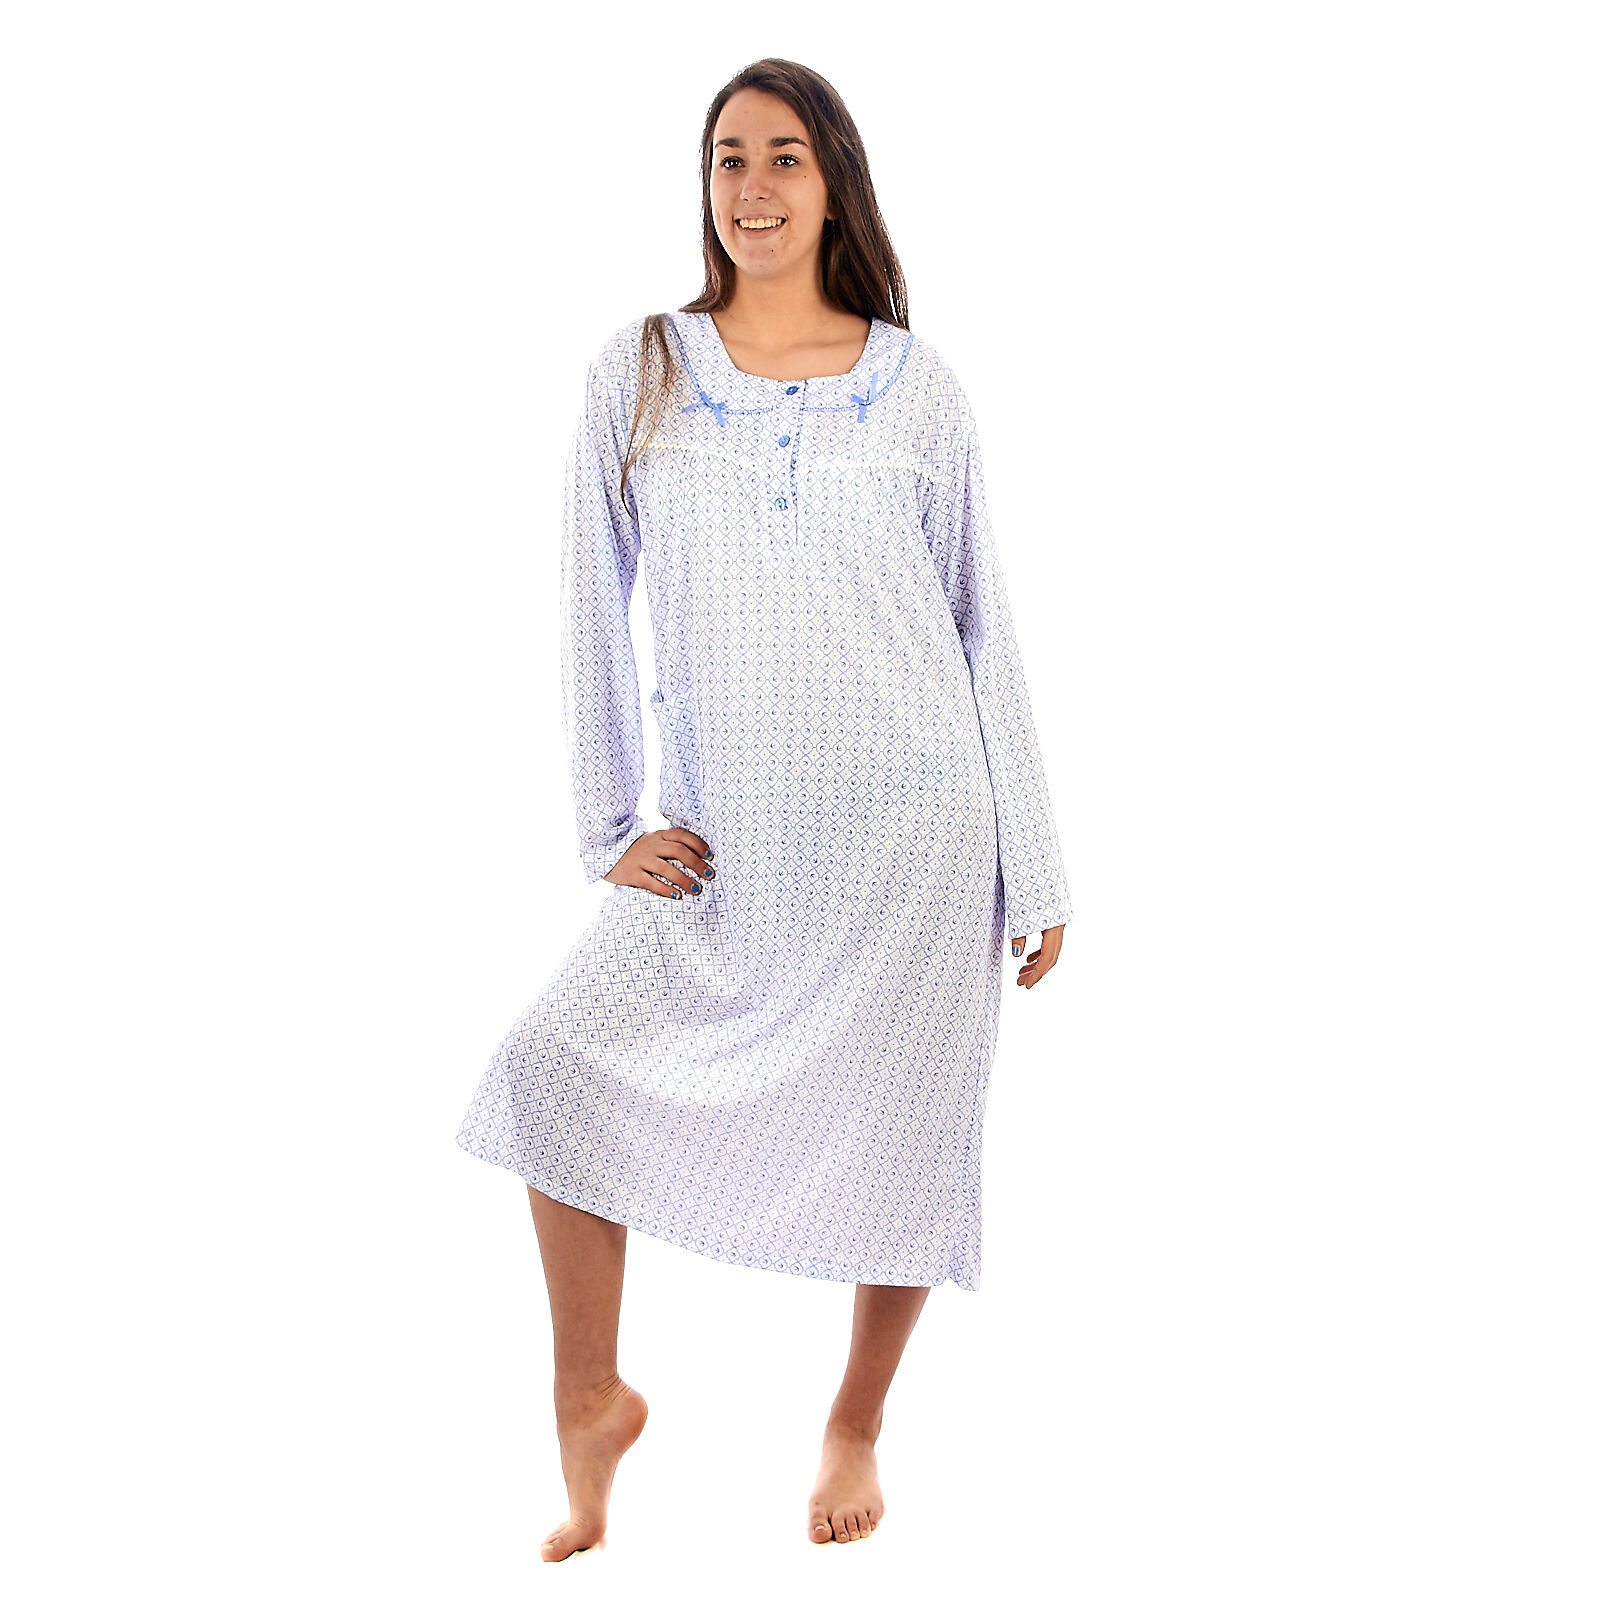 Camicia da notte donna ragazza estate in cotone  manica corta    DECAM026